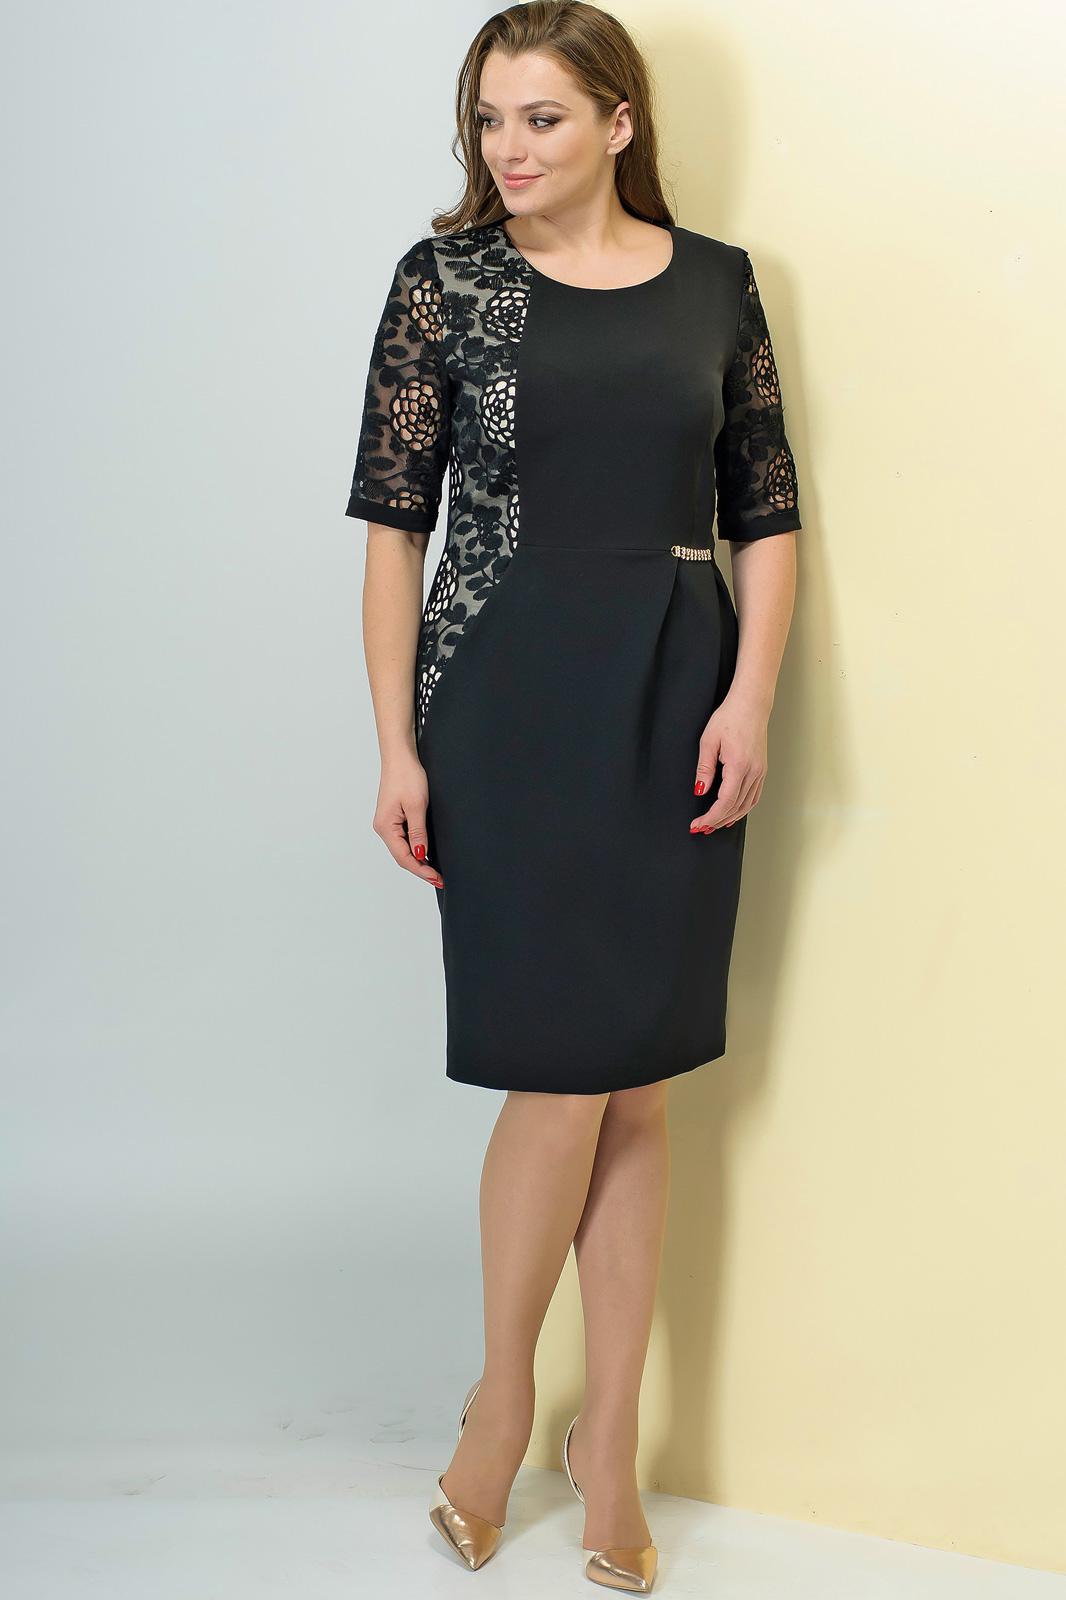 Купить Платье Golden Valley, 4400 чёрный, Беларусь